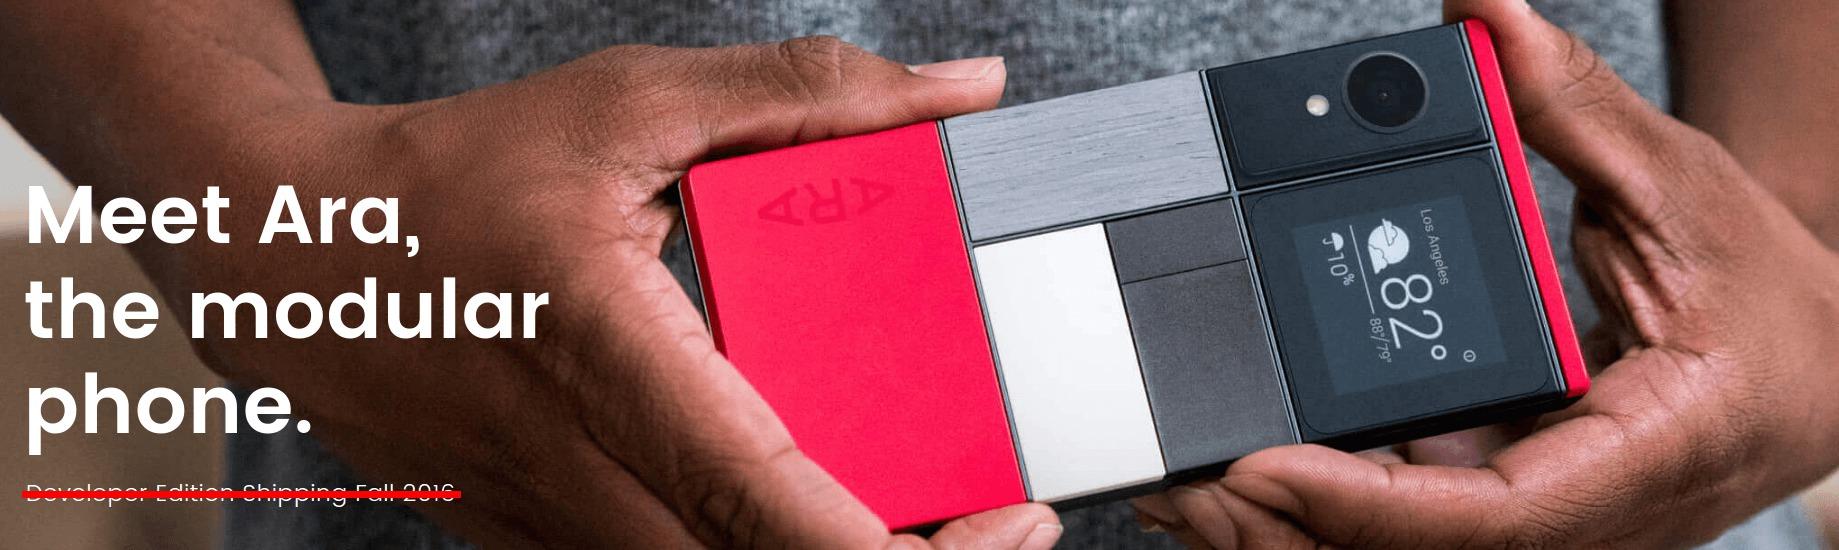 Projet Ara : les smartphones modulaires de Google auraient-ils déjà un pied dans la tombe ?